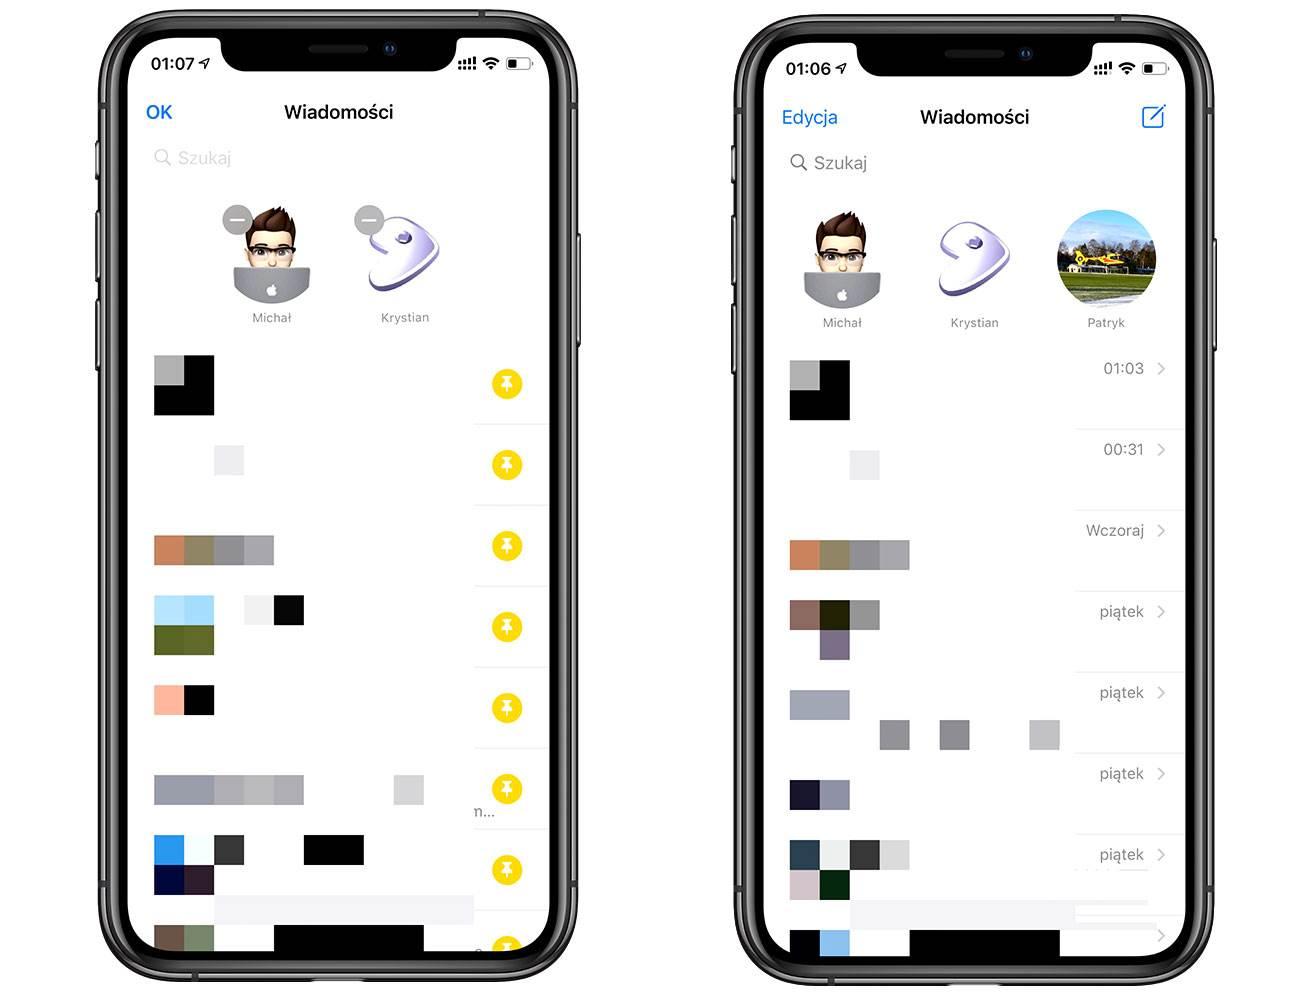 iOS 14 - polskie screeny polecane, ciekawostki zrzuty ekranu, screeny, polskie screeny z iOS 14 beta 1, polskie screeny z iOS 14, jak wygląda iOS 14 beta, jak wyglada iOS 14, iOS 14 z bliska, iOS 14 screeny, iOS 14 beta screeny, iOS, Apple  Pierwsza beta iOS 14 jest już w naszych rękach, więc przygotowaliśmy dla Was polskie screeny z najnowszej wersji iOS. iOS14 7 2